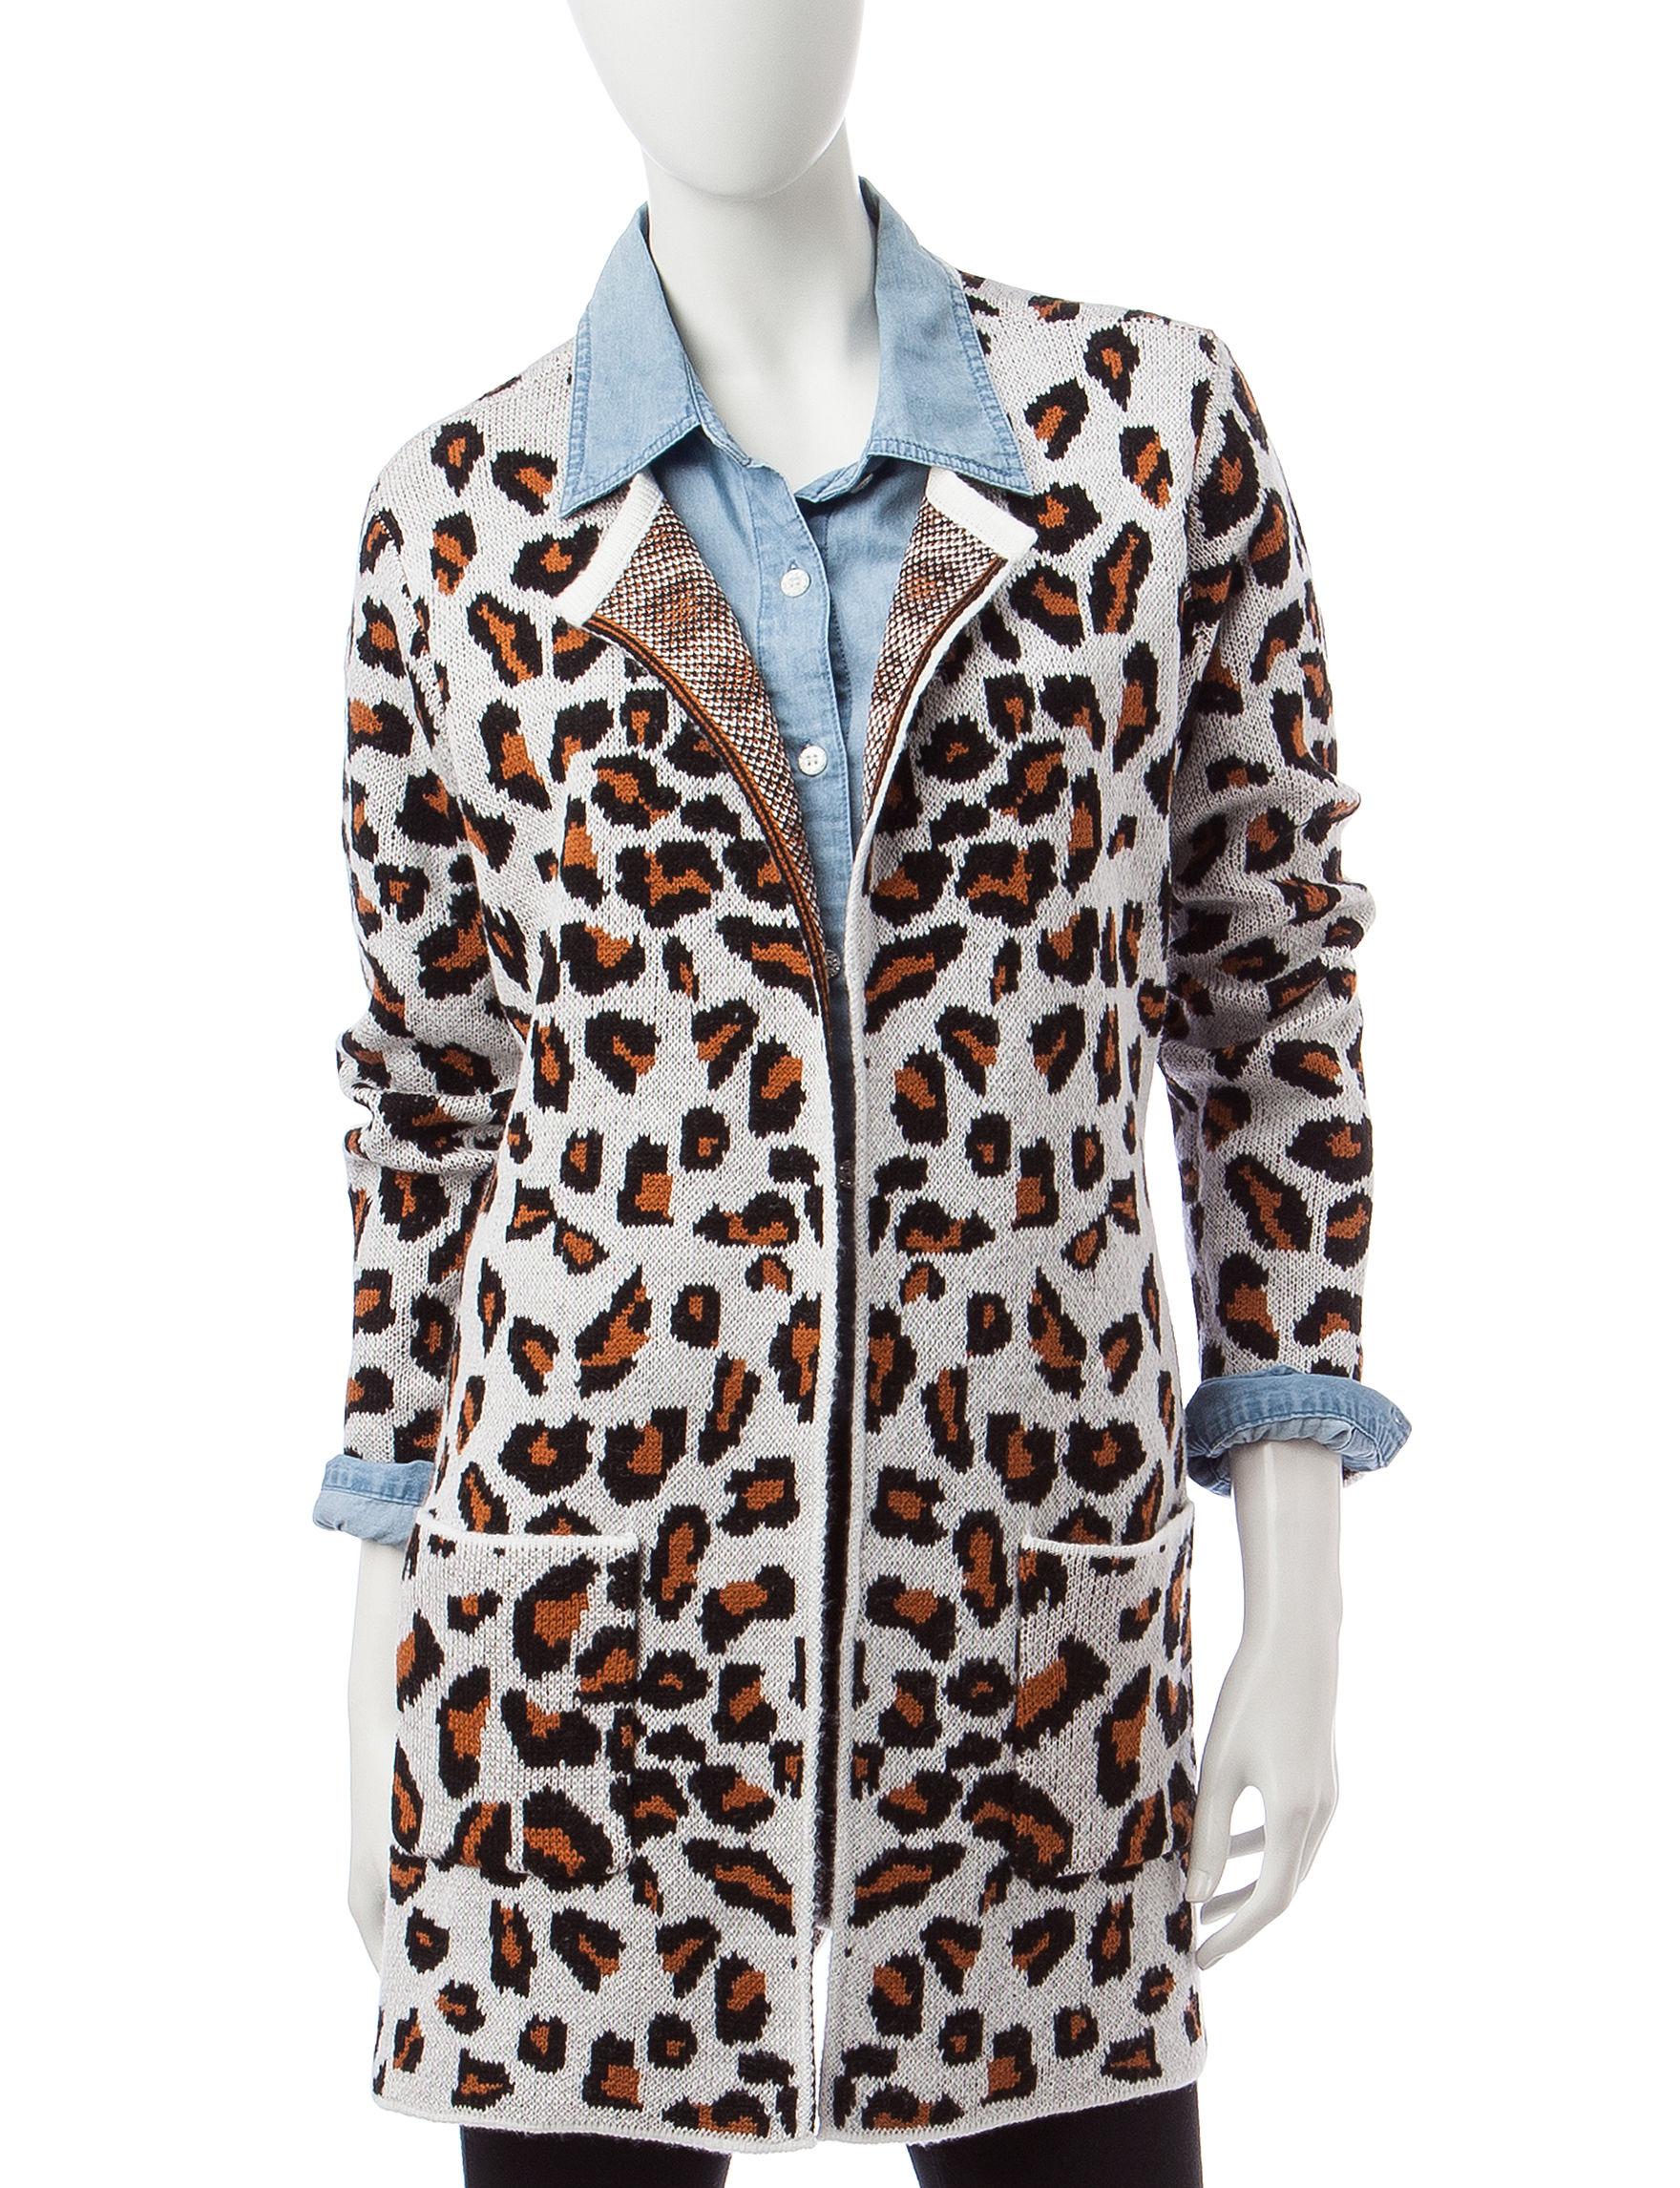 Signature Studio Leopard Print Cardigan | Stage Stores